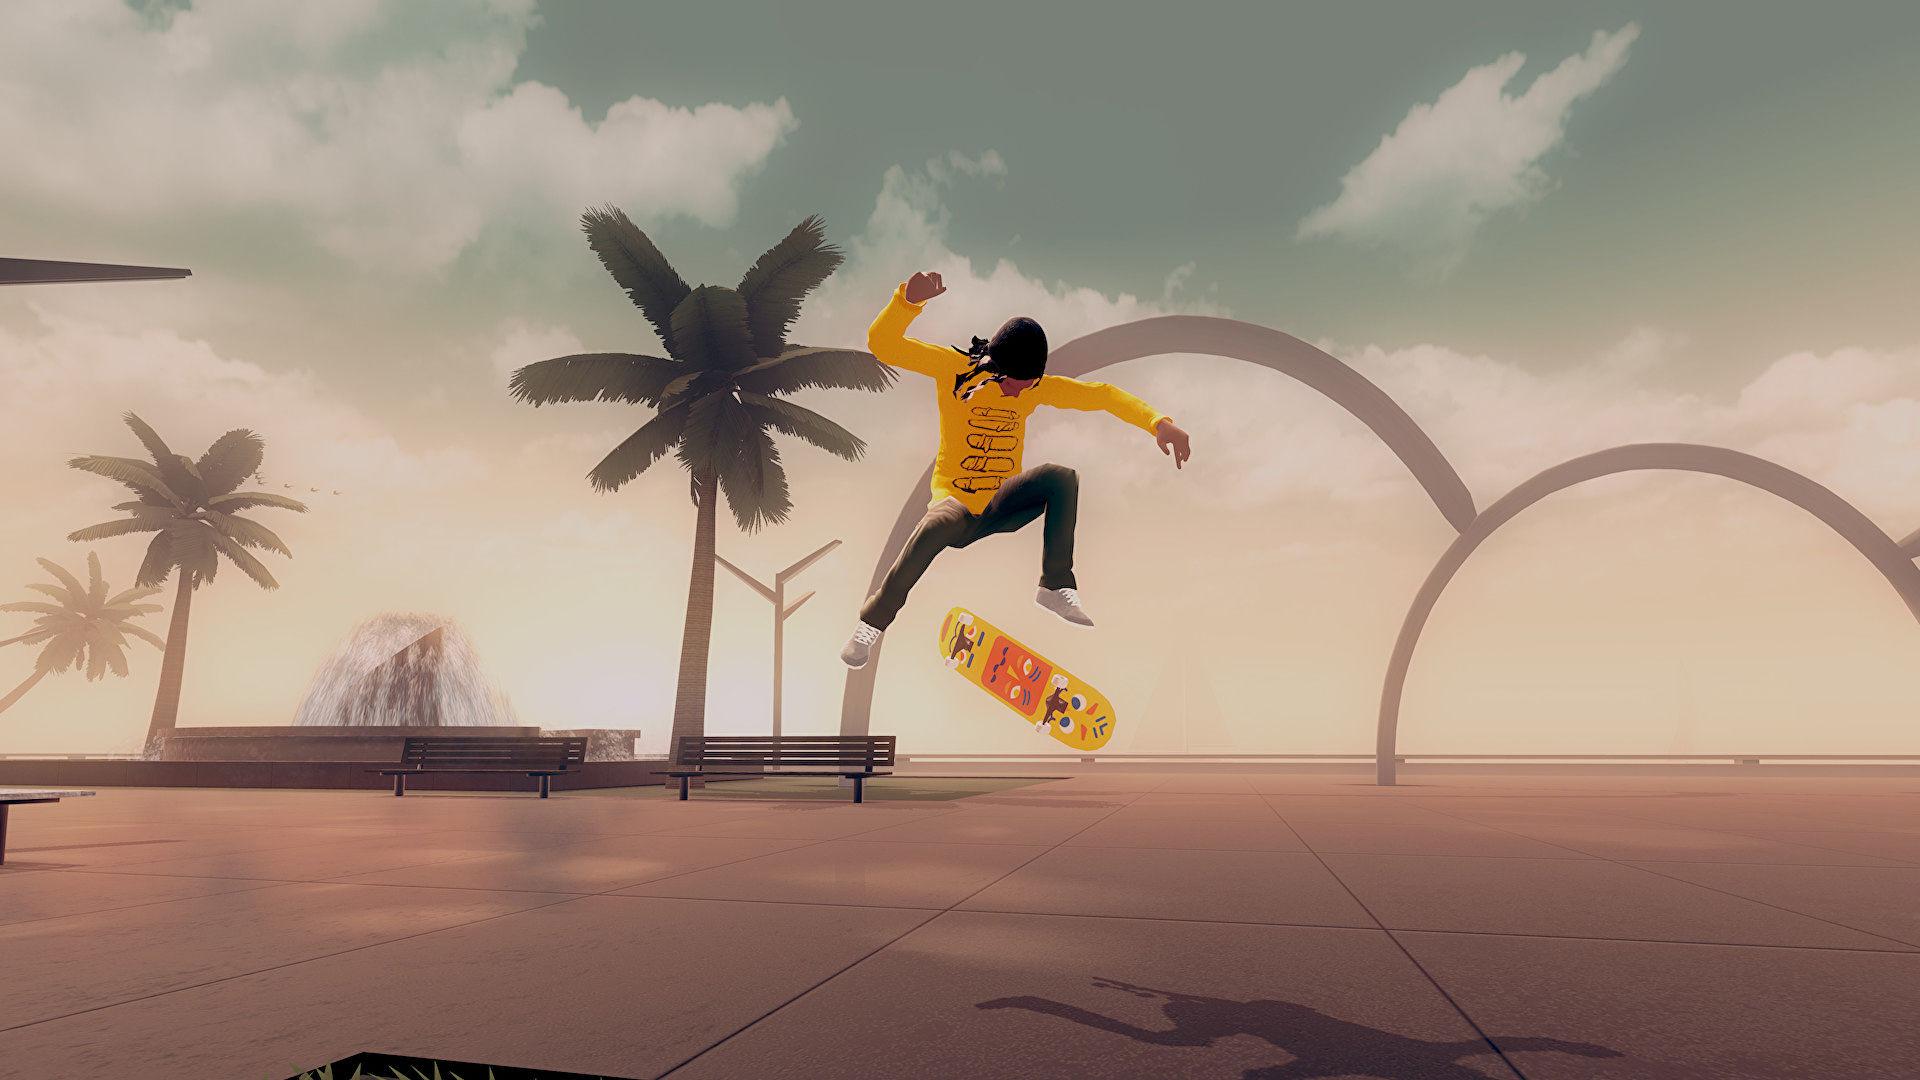 skate city wallpaper 74328